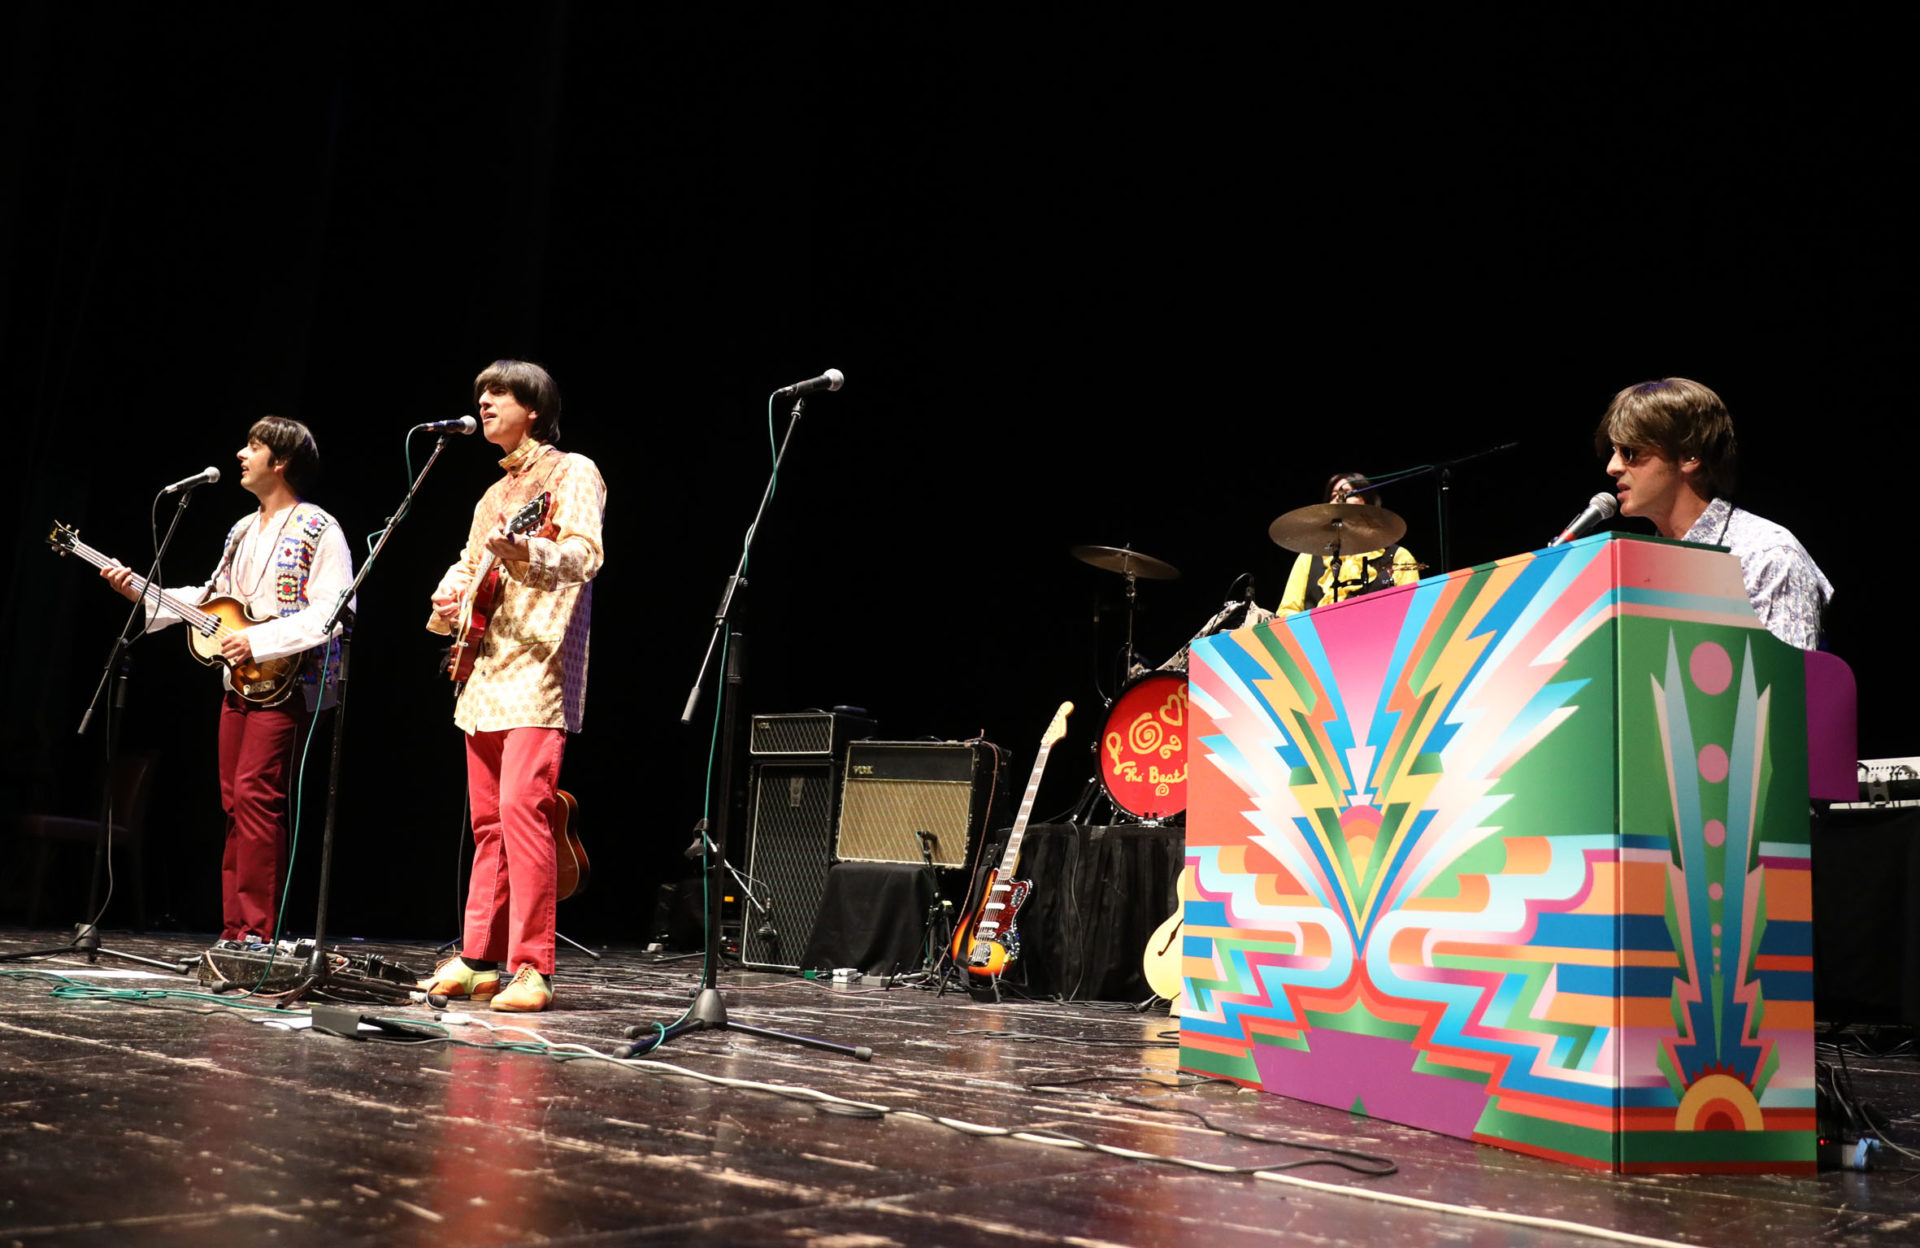 The Beatbox - Poesia Festival 2017 photo © Serena Campanini